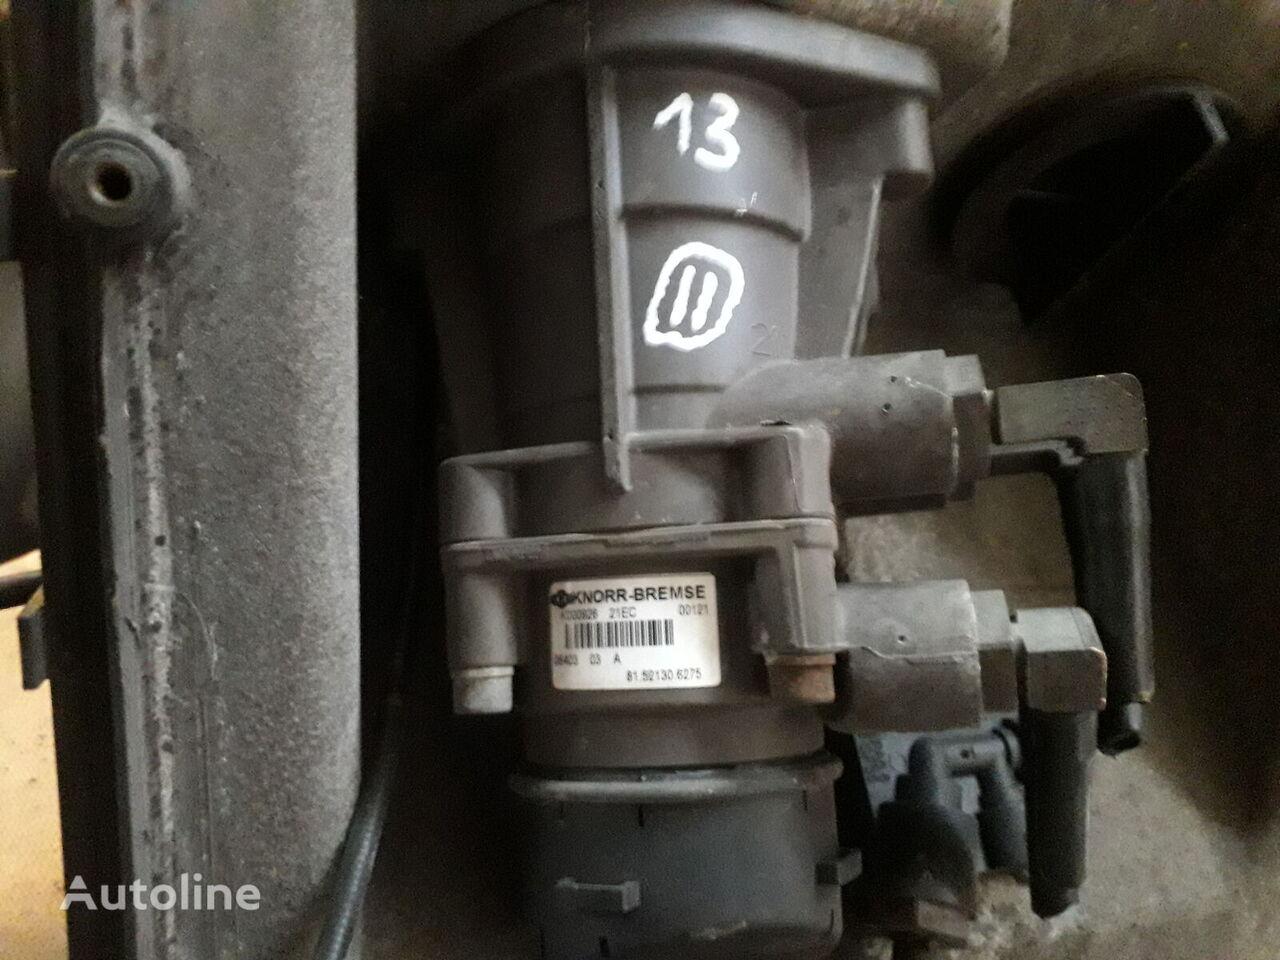 Golovniy tormozniy kran KNORR-BREMSE (81.52130.6275) other suspension spare part for MAN TGA tractor unit